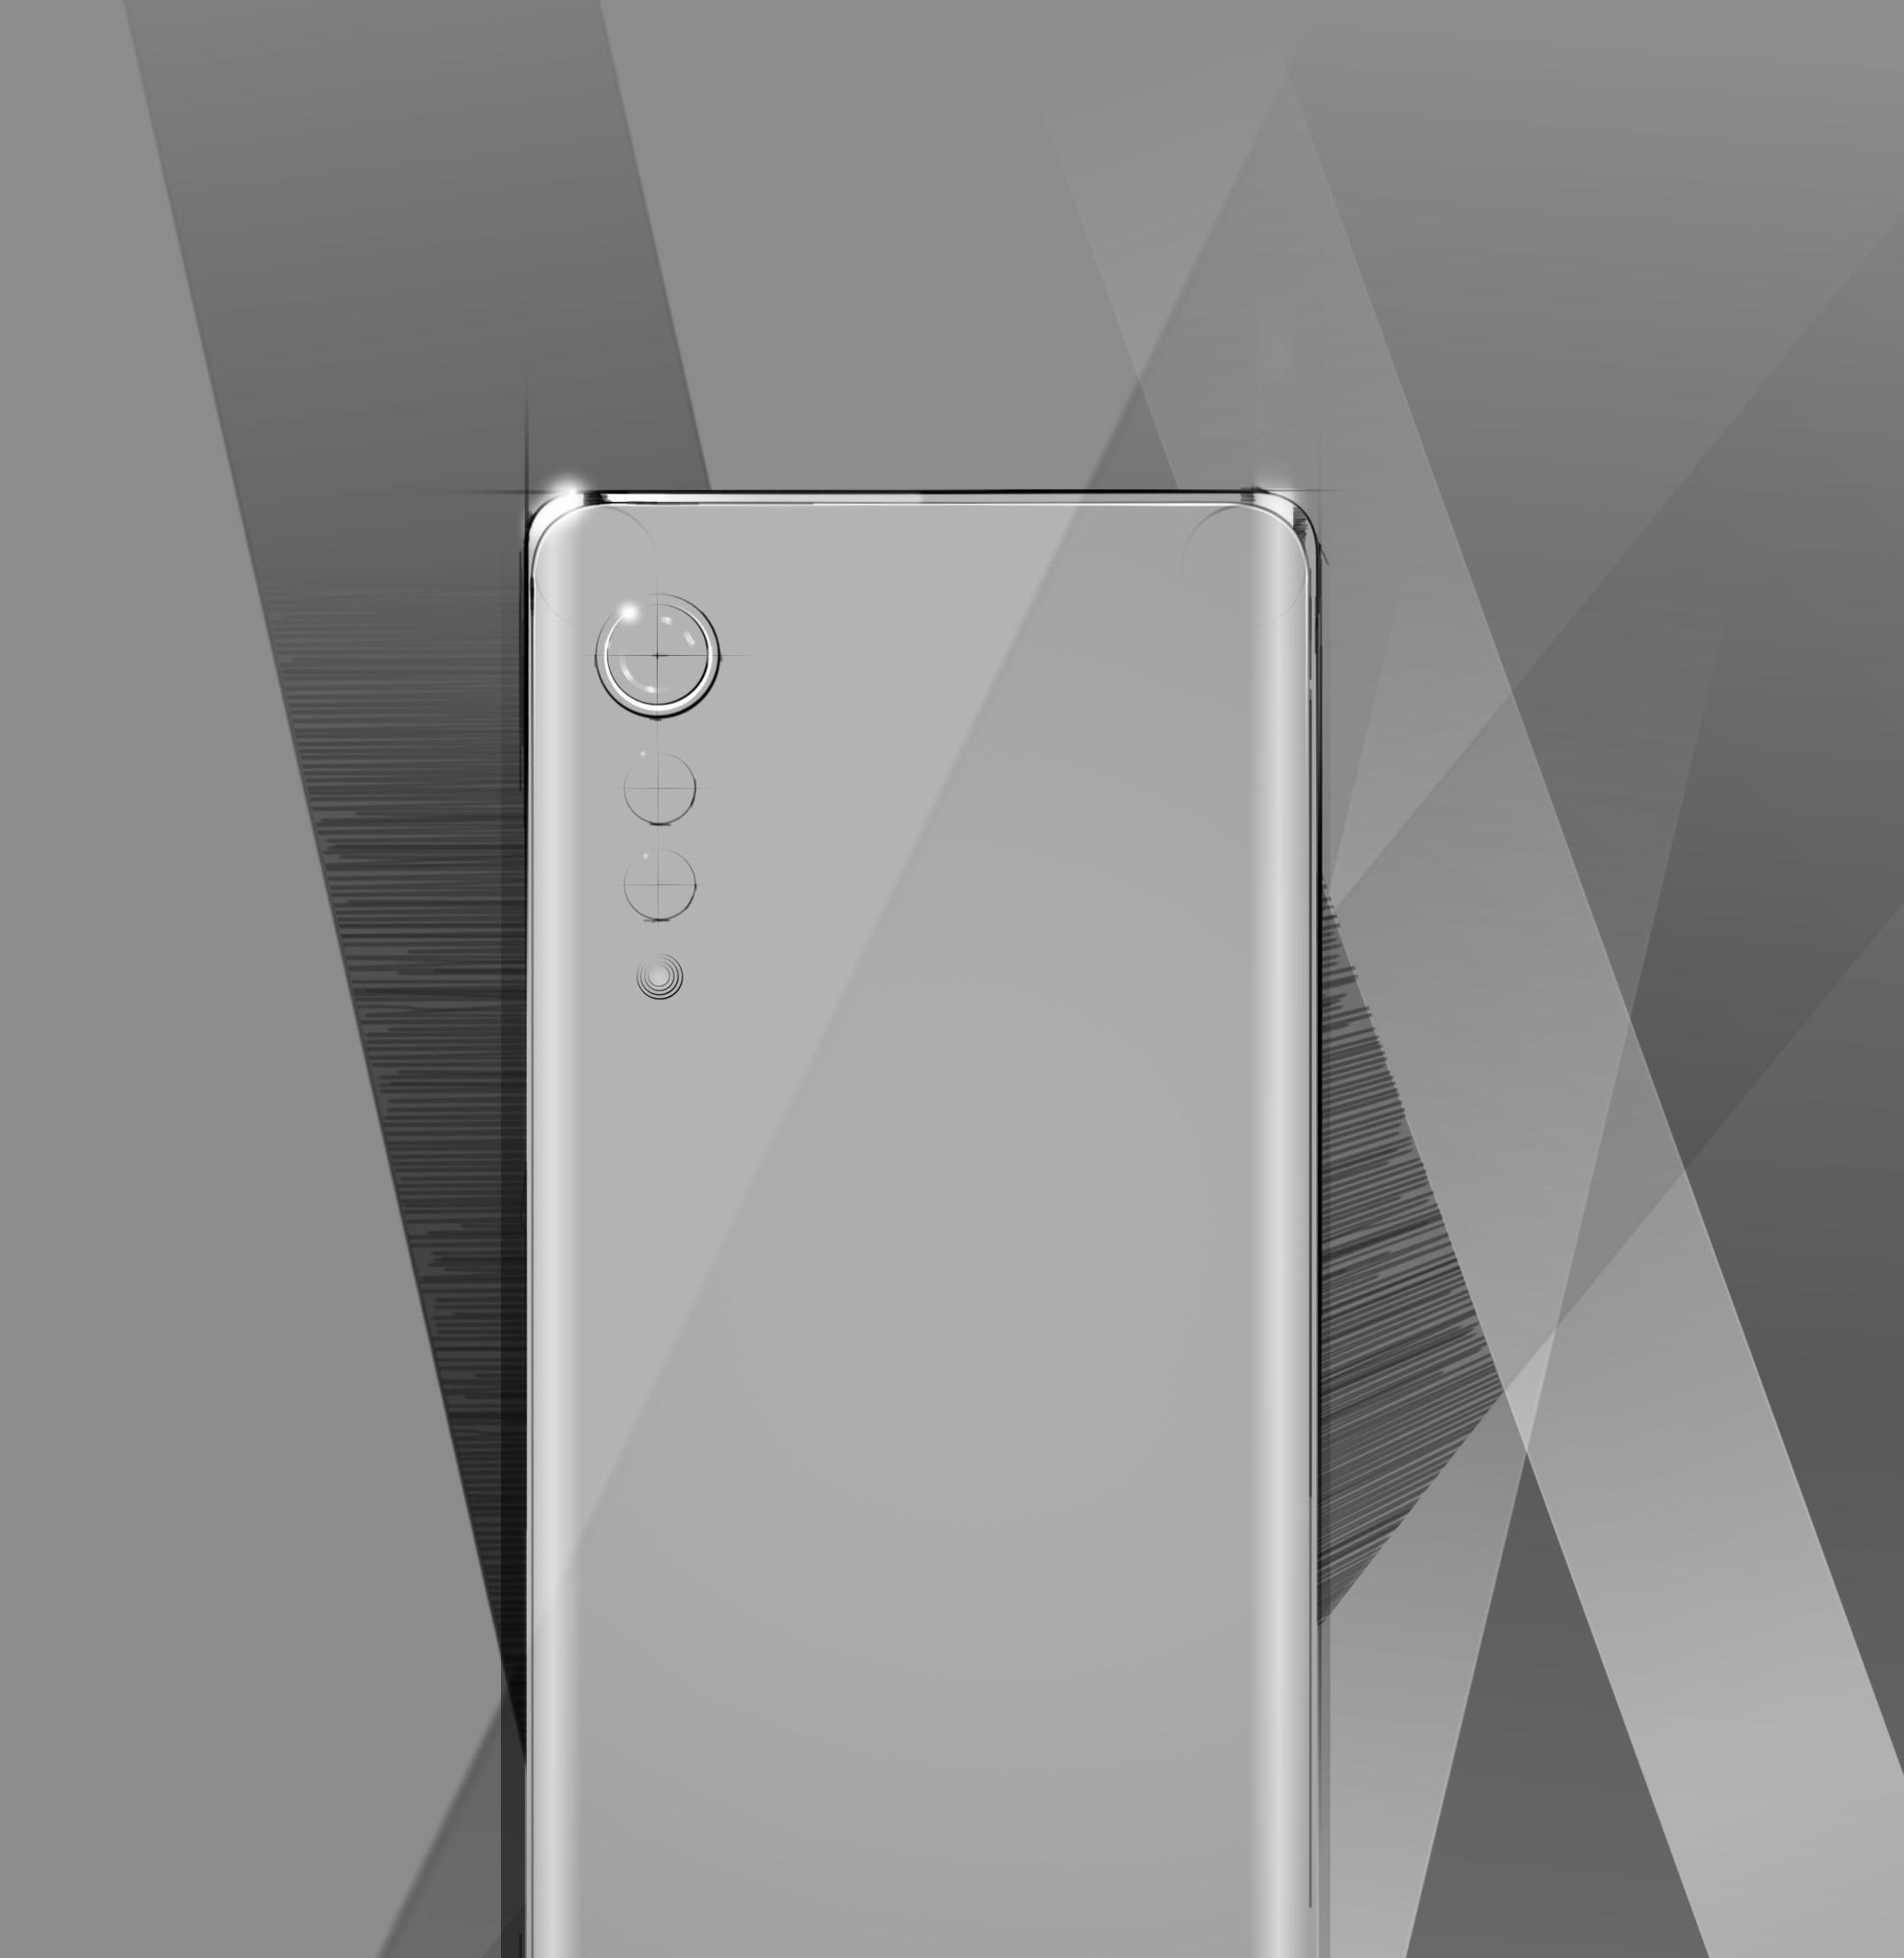 LG smartphone nouveau design dos